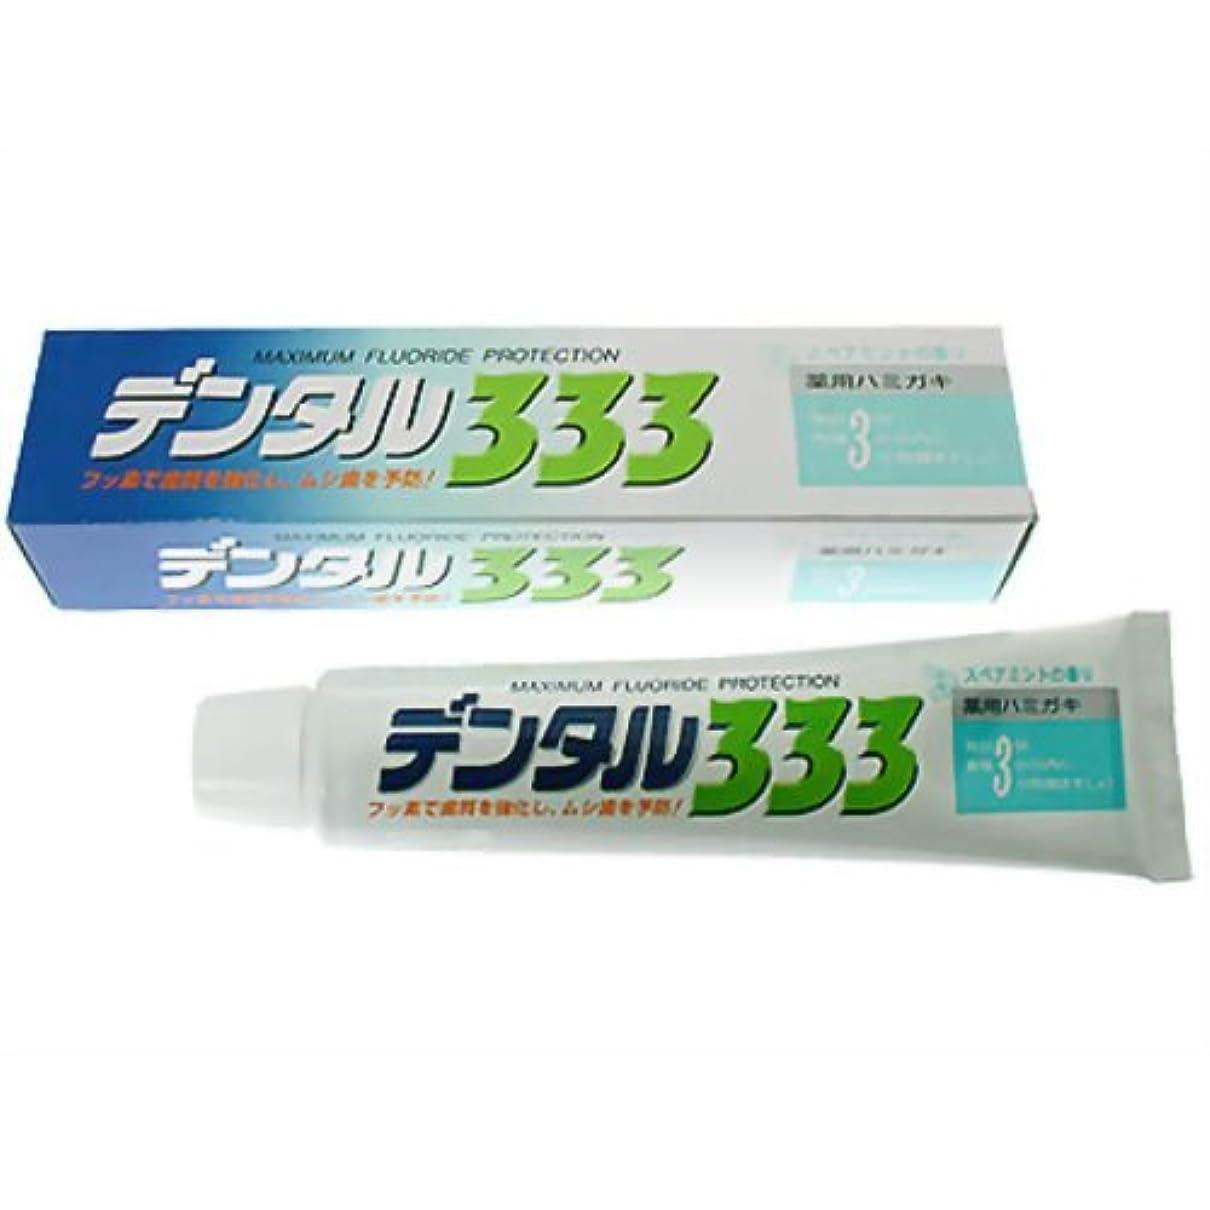 広々とらえどころのないかなりのデンタル333 薬用ハミガキ 150g フッ素配合歯磨き スペアミントの香り ★トイレタリージャパンインク×40点セット (4985275794983)